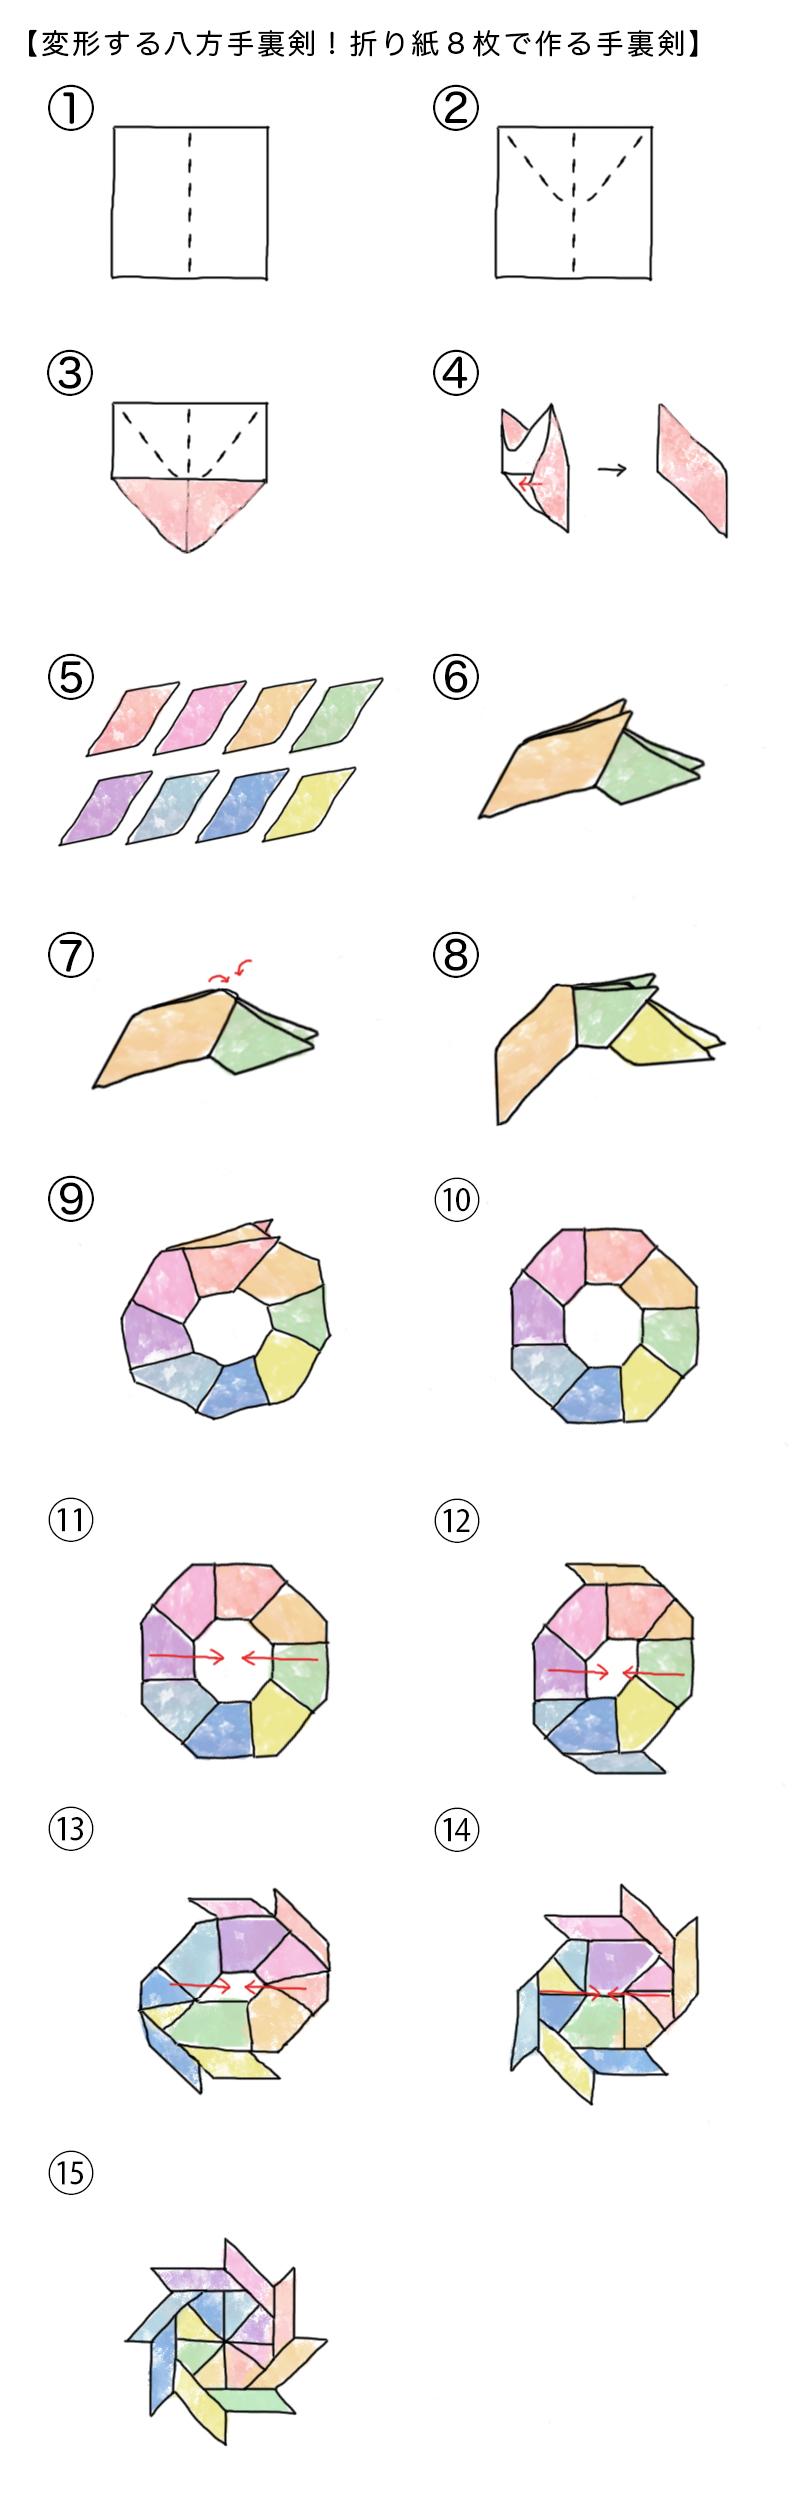 折り紙8枚で作る手裏剣